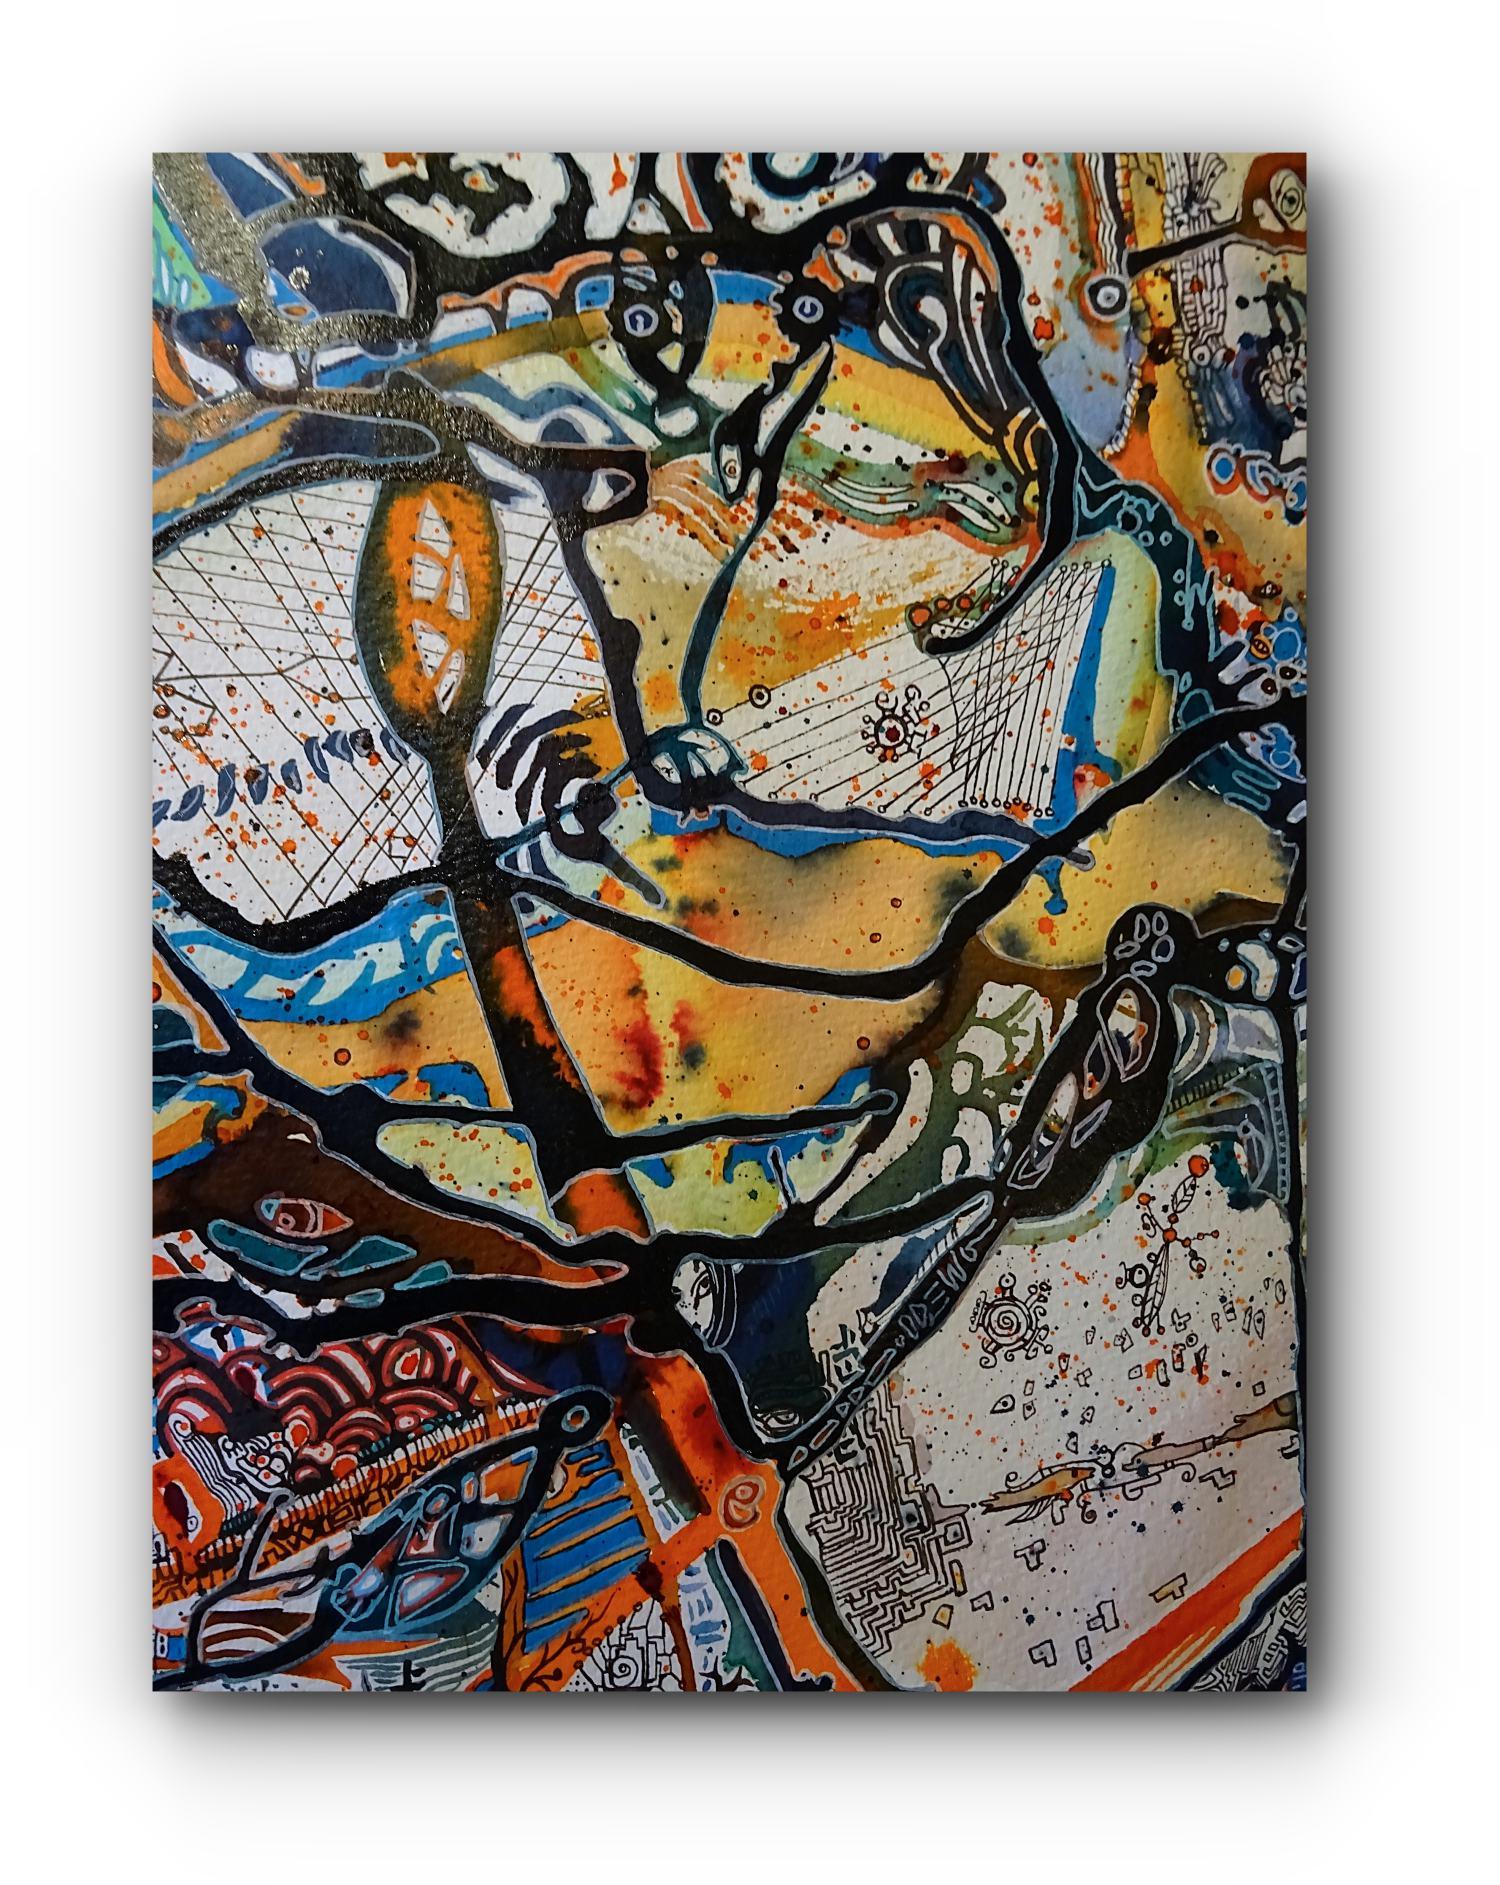 painting-detail-10-riverworld-artist-duo-ingress-vortices.jpg